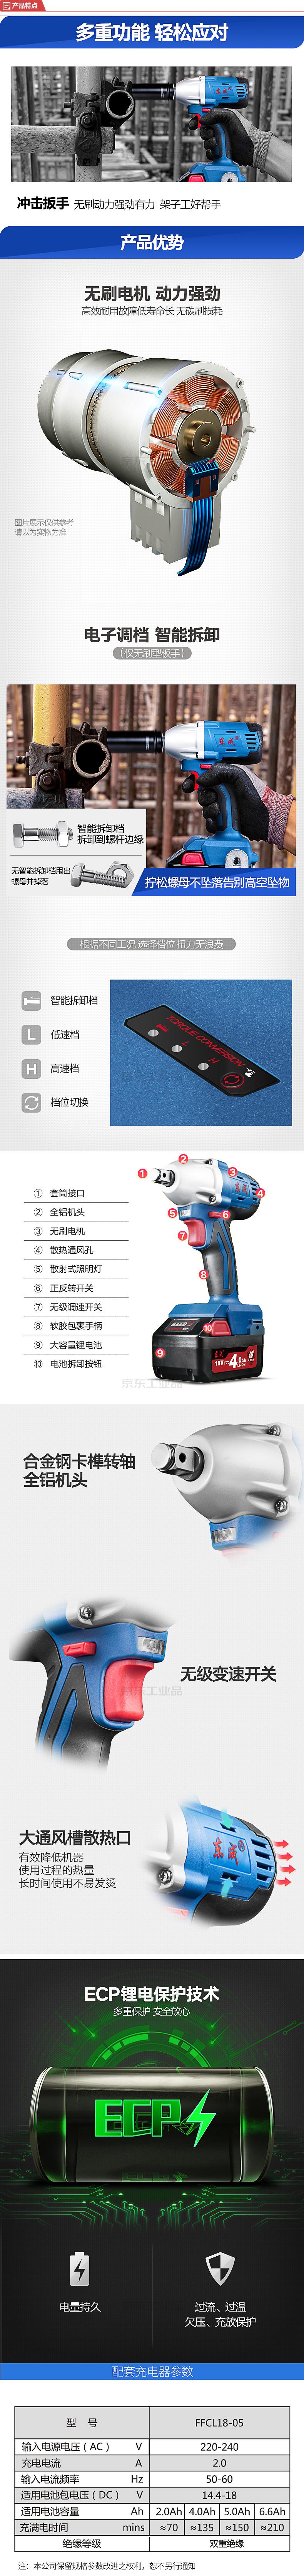 东成 18V充电式无刷冲击扳手;DCPB02-18(E型)